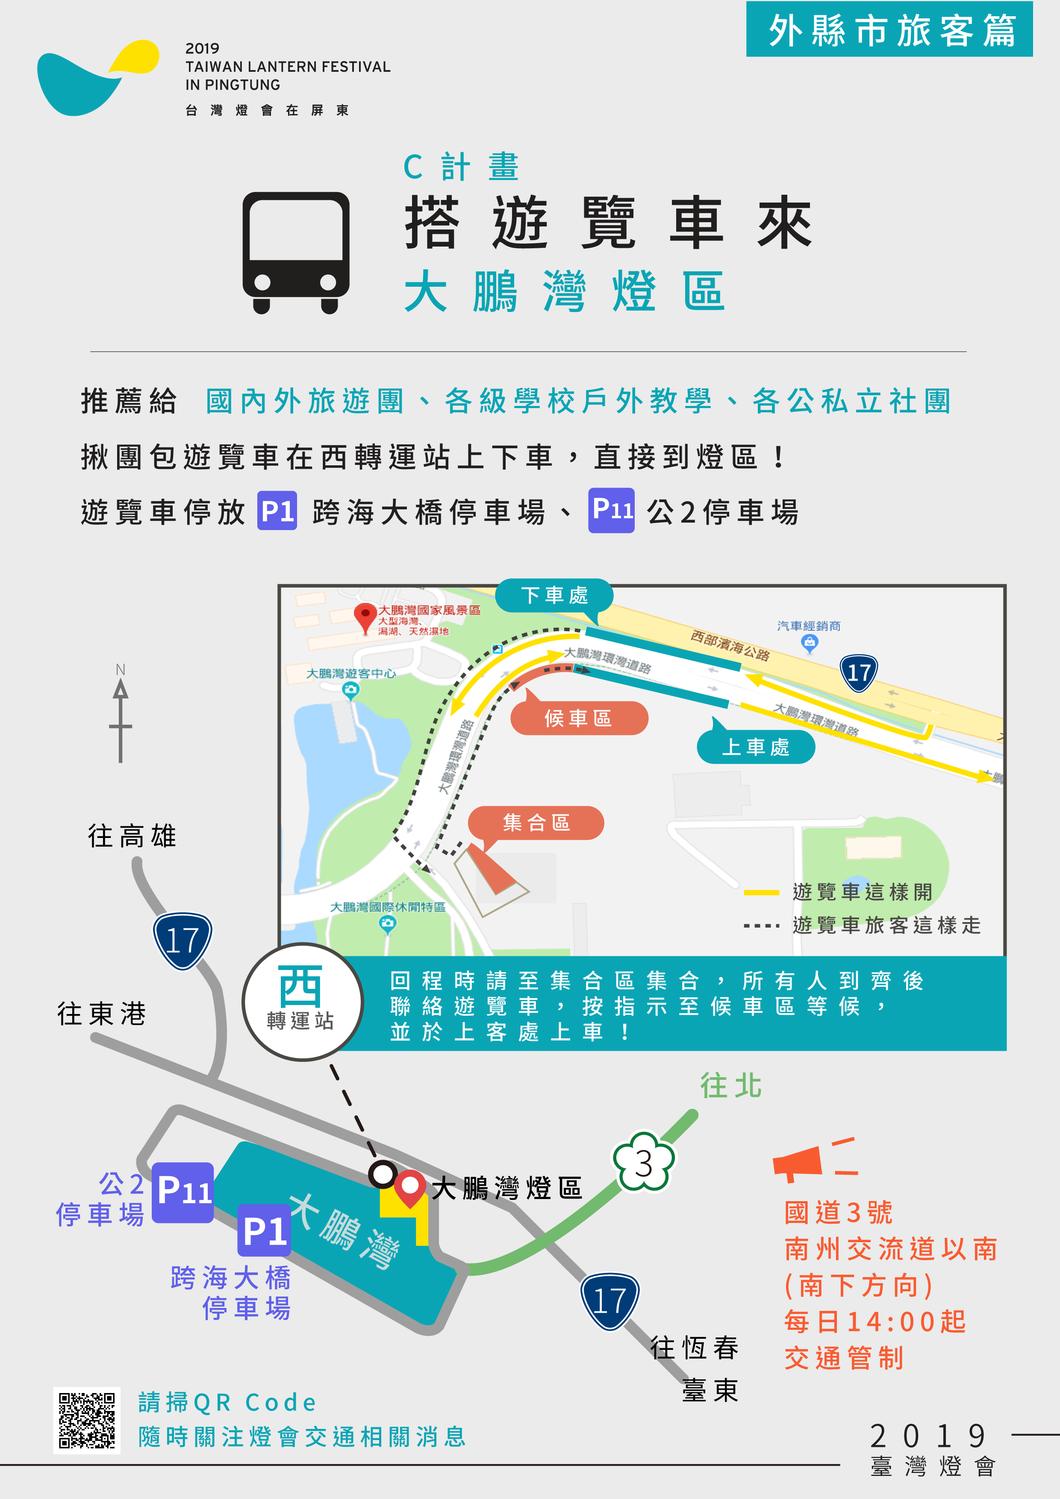 搭遊覽車到大鵬灣燈區圖:屏東縣政府/提供